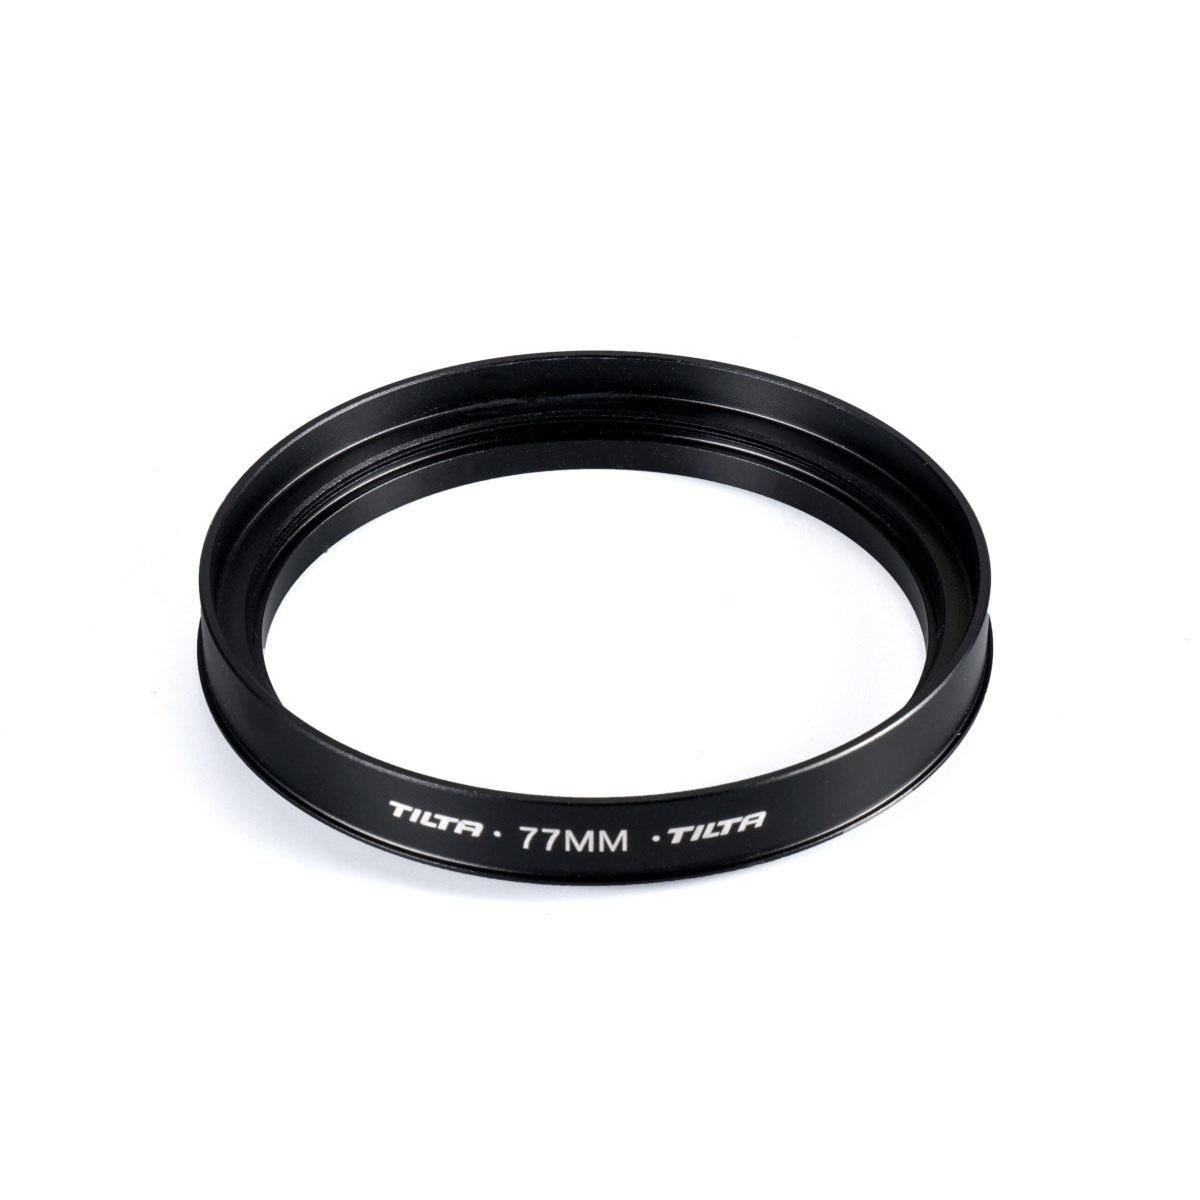 Tilta Tiltaing 77mm Adapter Ring for Mini Clamp-on MatteBox